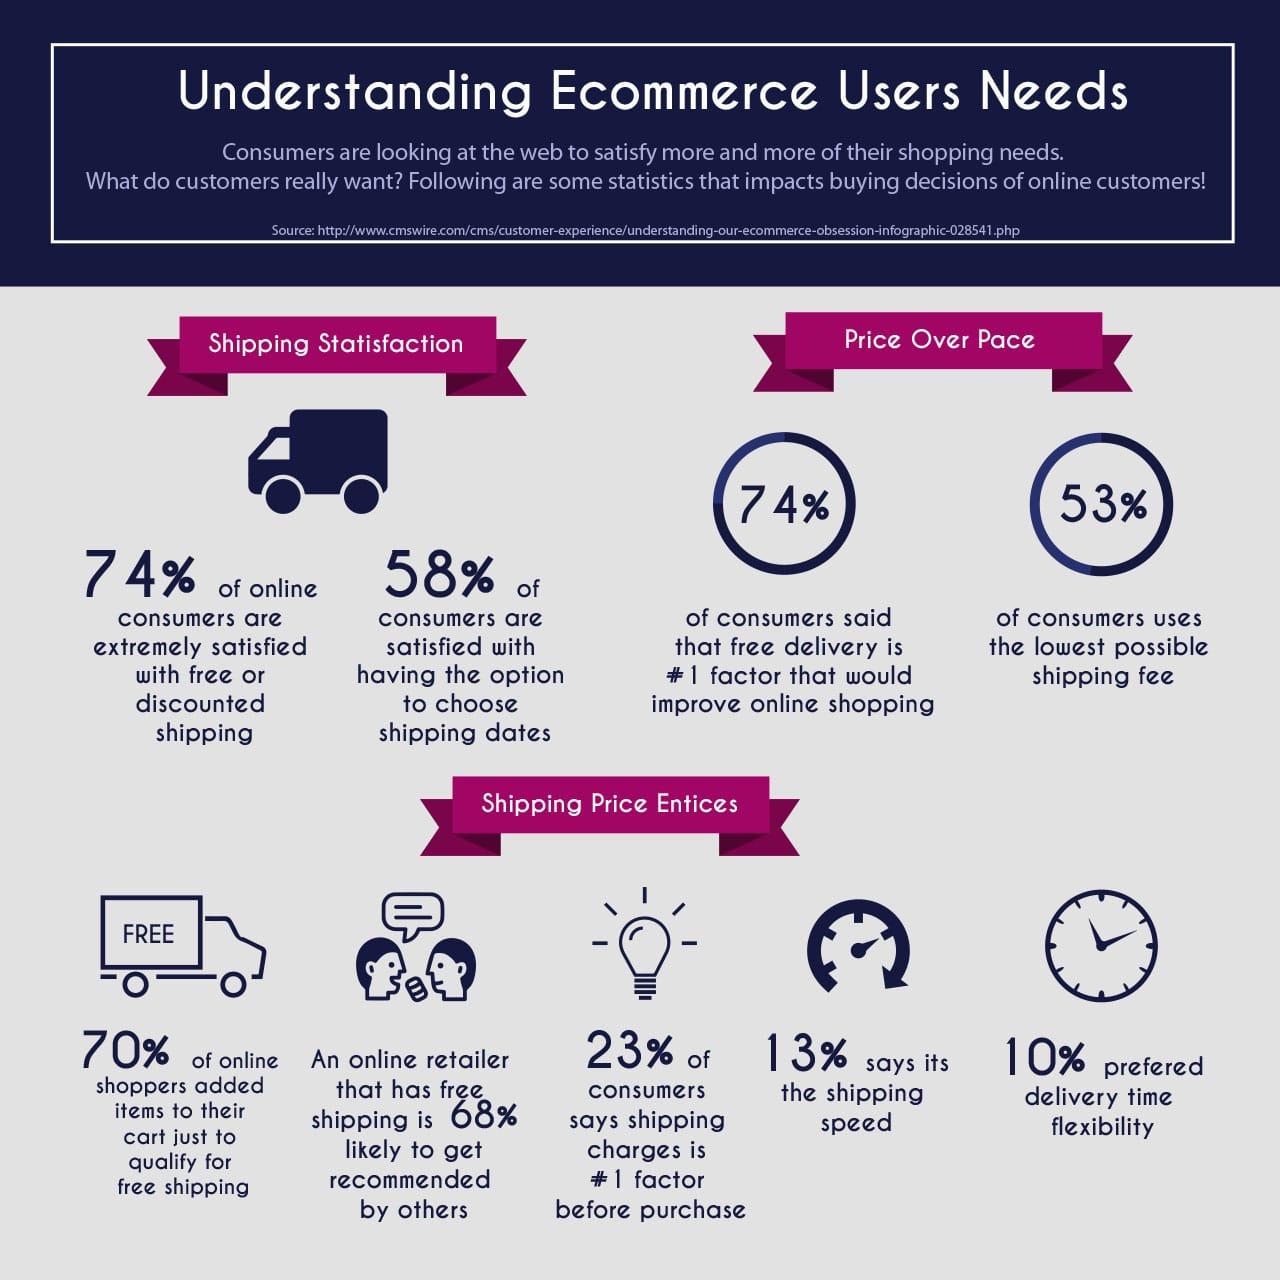 Understanding eCommerce users